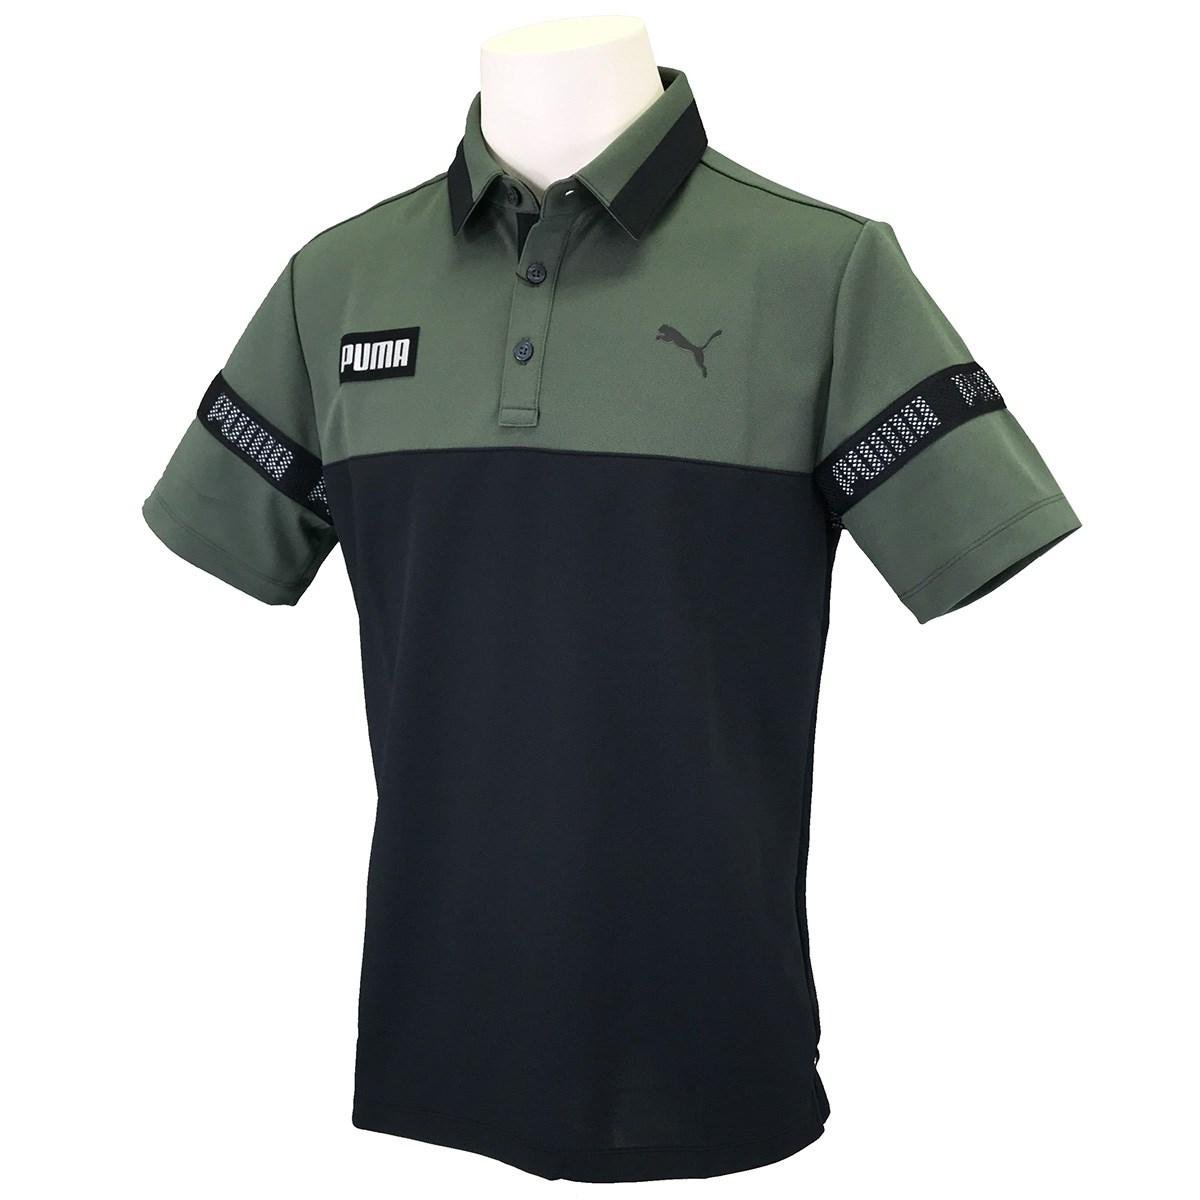 プーマ PUMA カラーブロック 半袖ポロシャツ S タイム 03